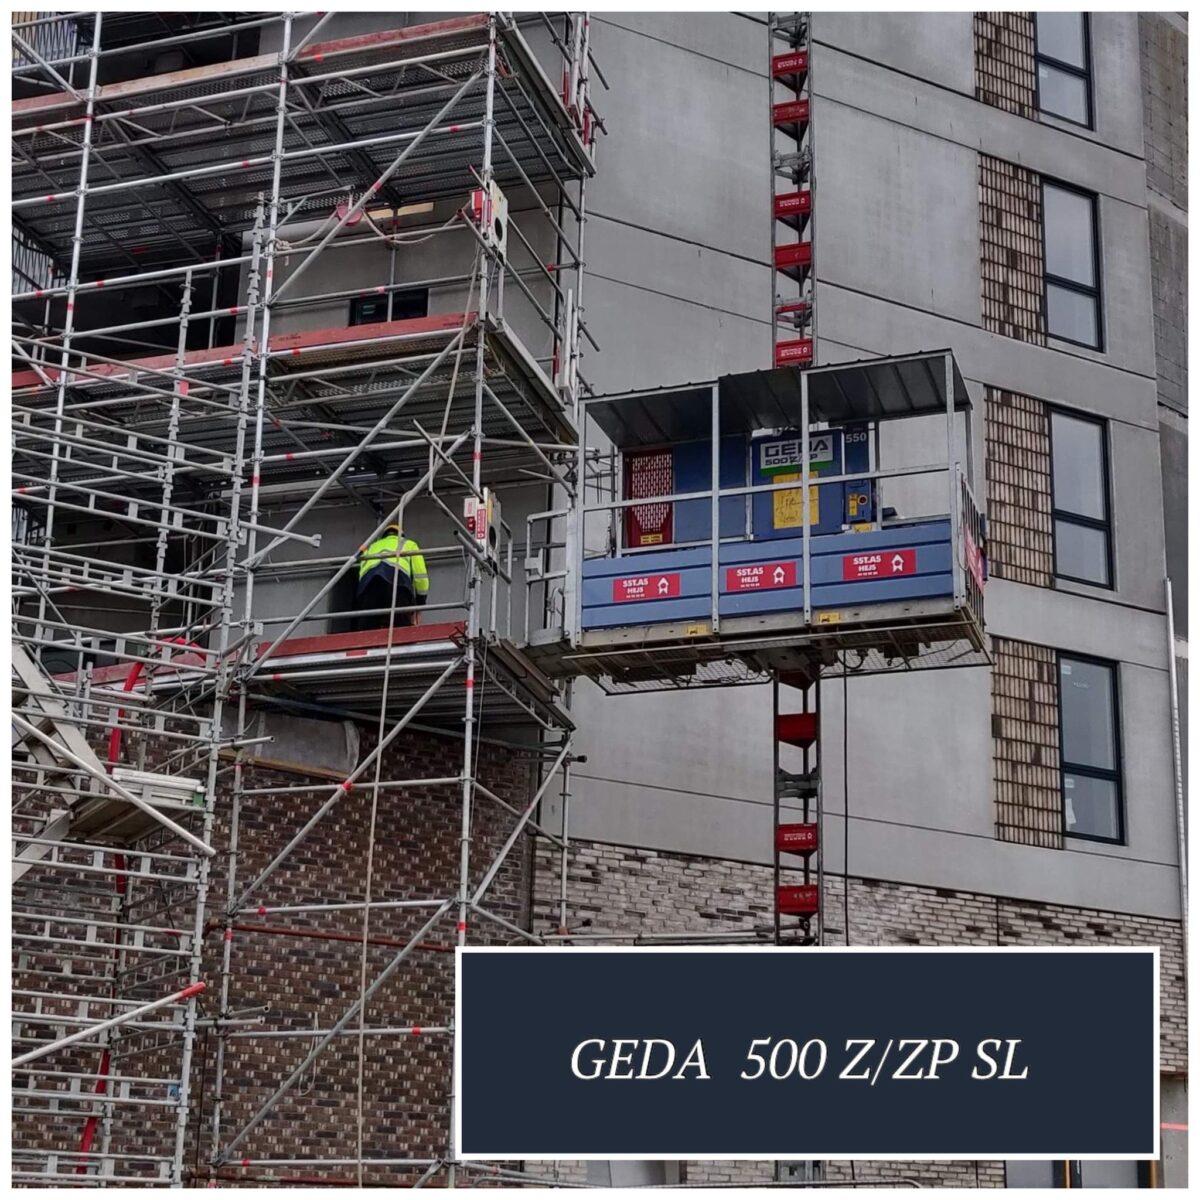 GEDA 500 Z ZP SL er et person- og materialehejs med en stor kurv. Velegnet til transport af vinduer og døre.